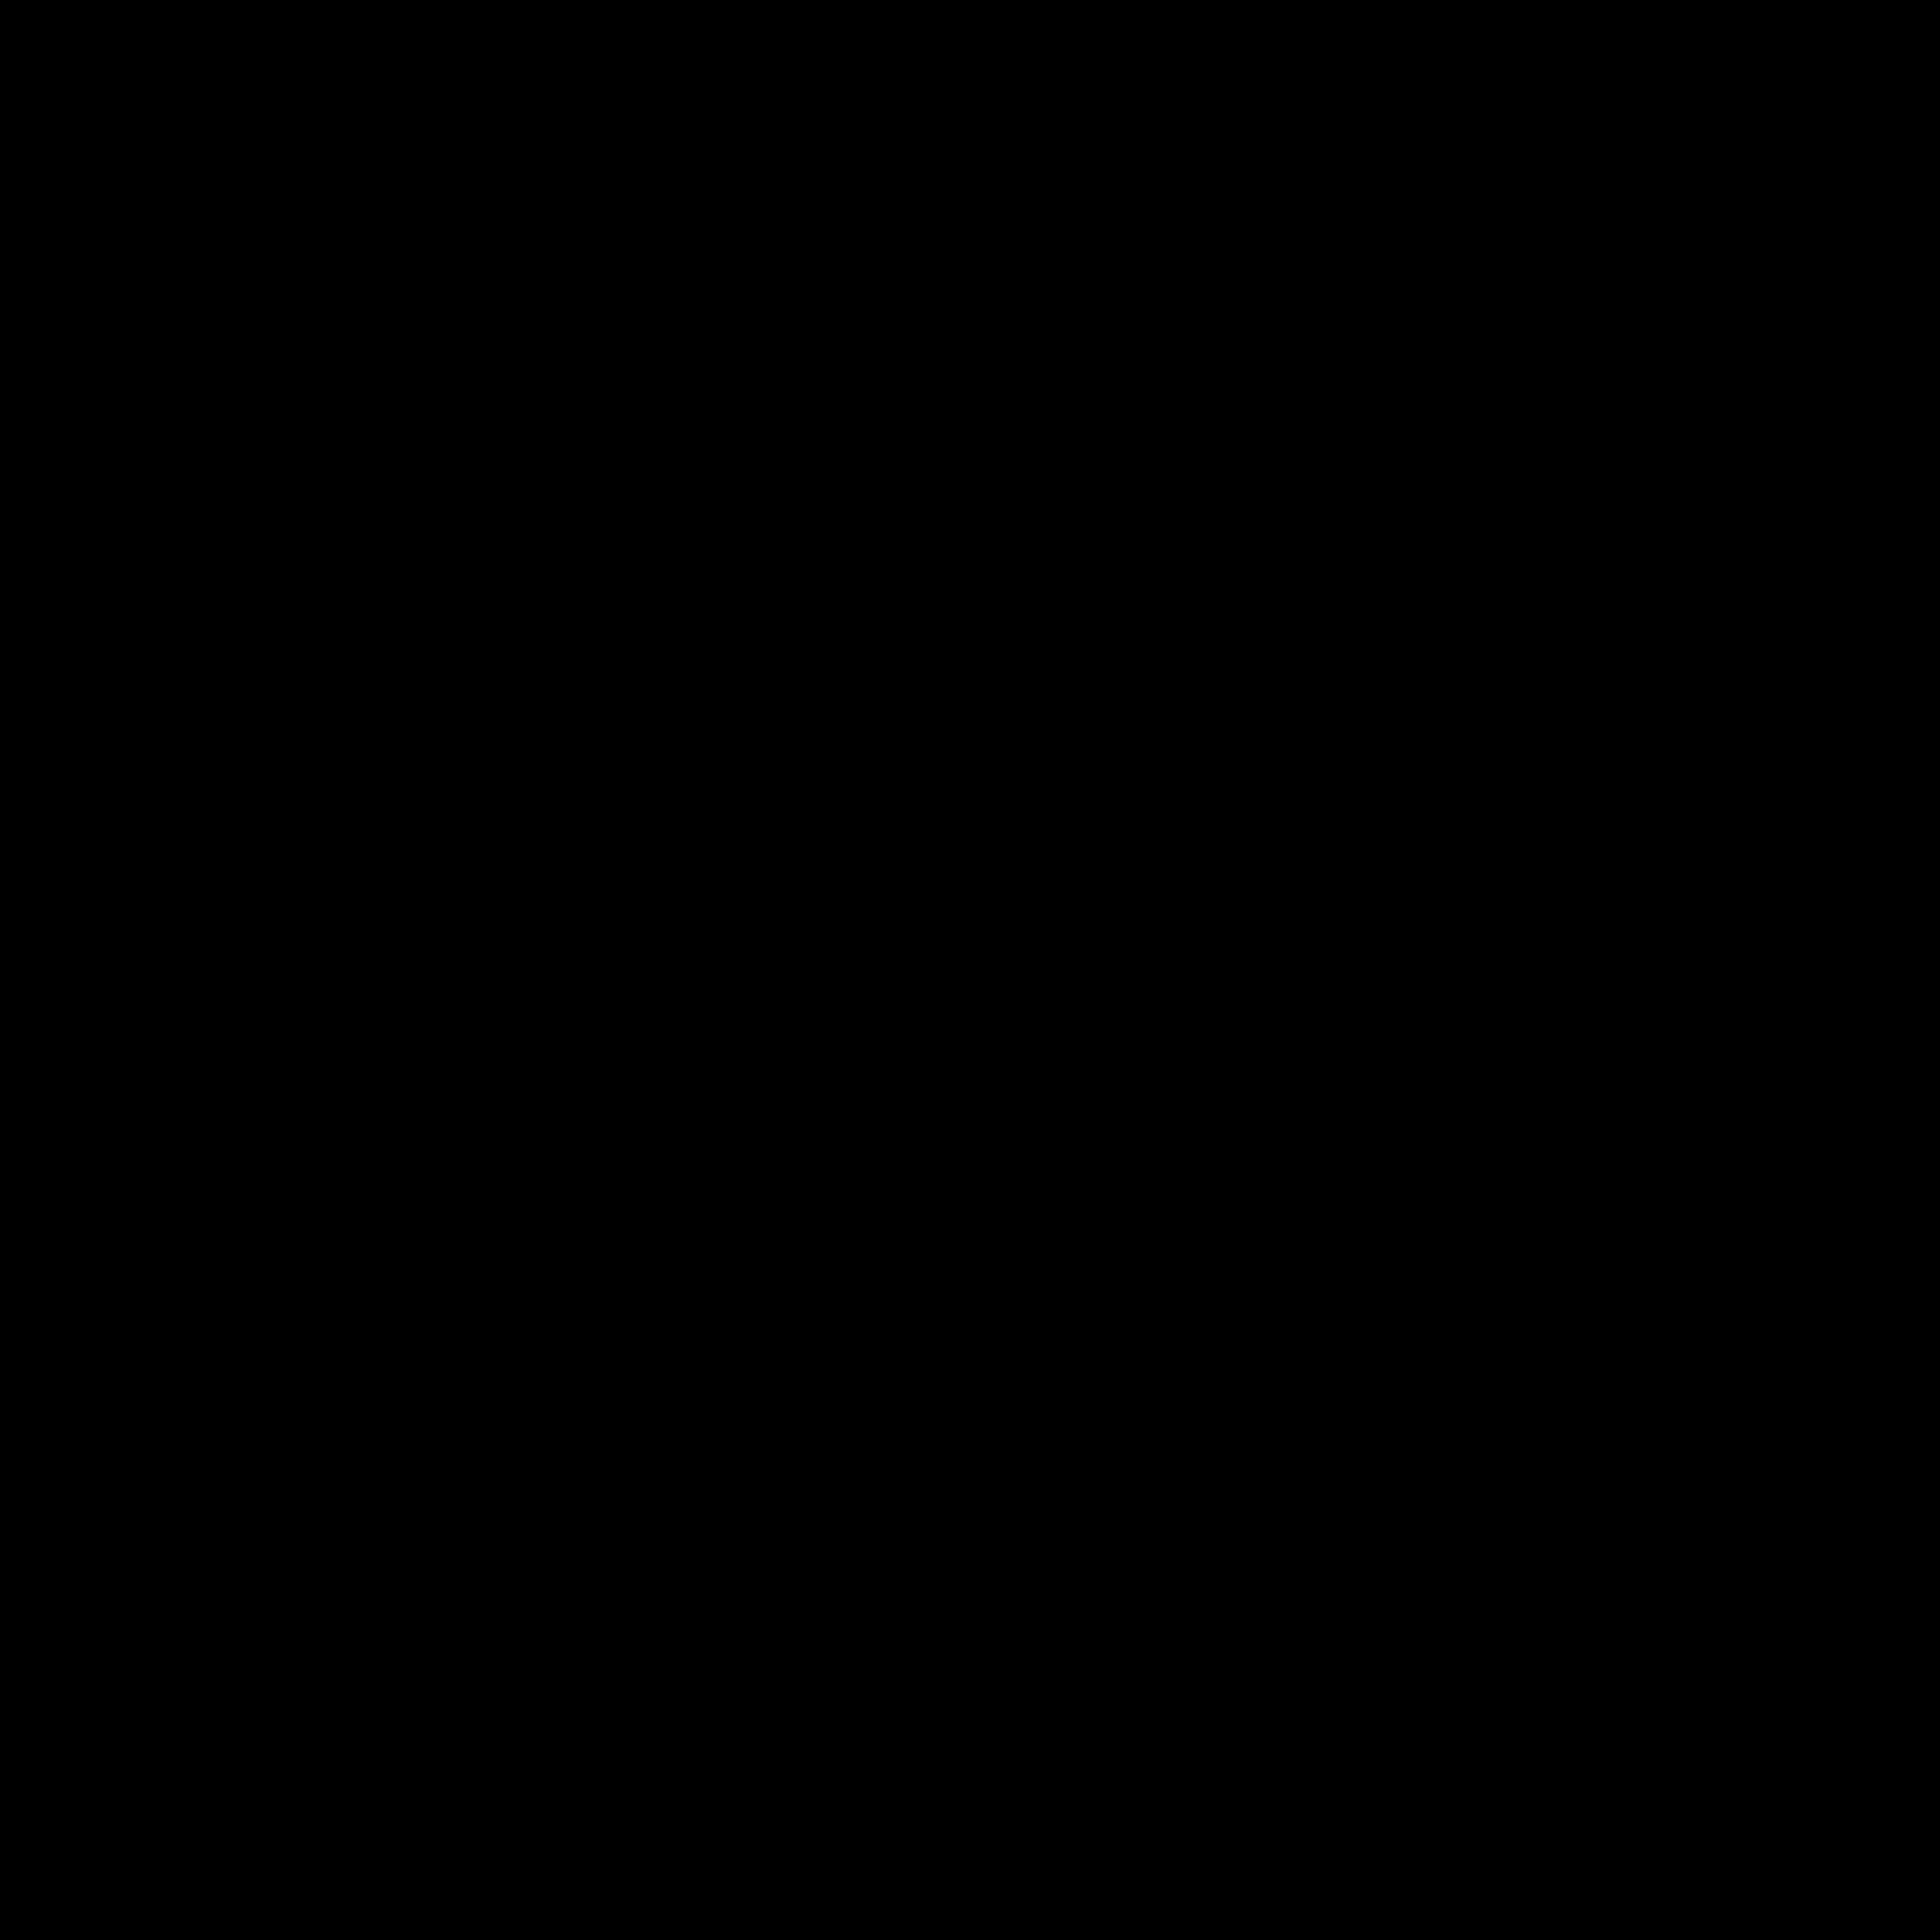 """Cet outil de vie permet de faire le point sur l'année écoulée, construire son tableau de visualisation, créer son plan de vie, se fixer des objectifs pour l'année, par mois et par semaine, planifier l'année 2017, écrire ses """"to do lists"""", noter ses gratitudes, évaluer ses apprentissages et inscrire ses challenges."""